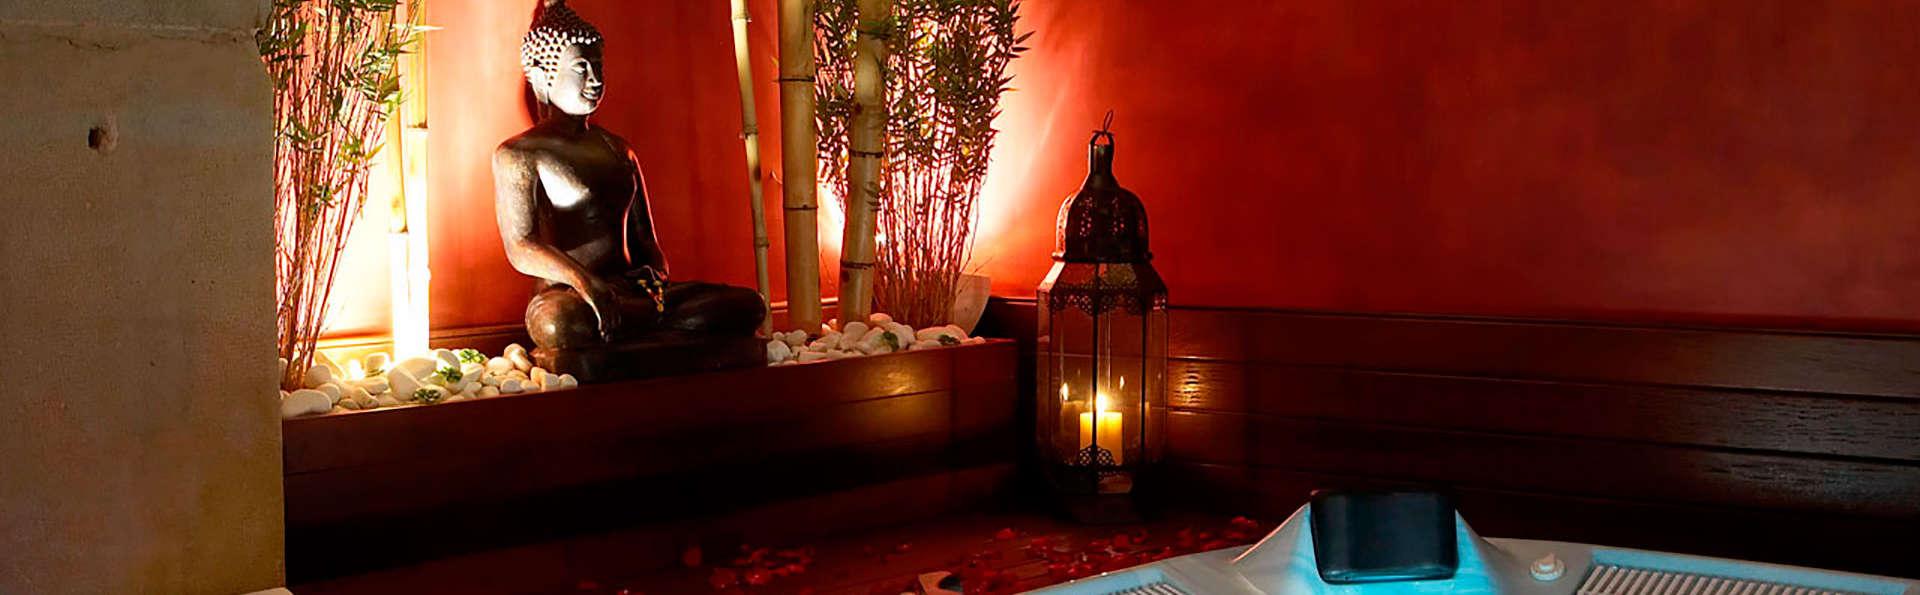 Romantisme, luxe et charme avec hydromassage dans la chambre et accès à un espace détente